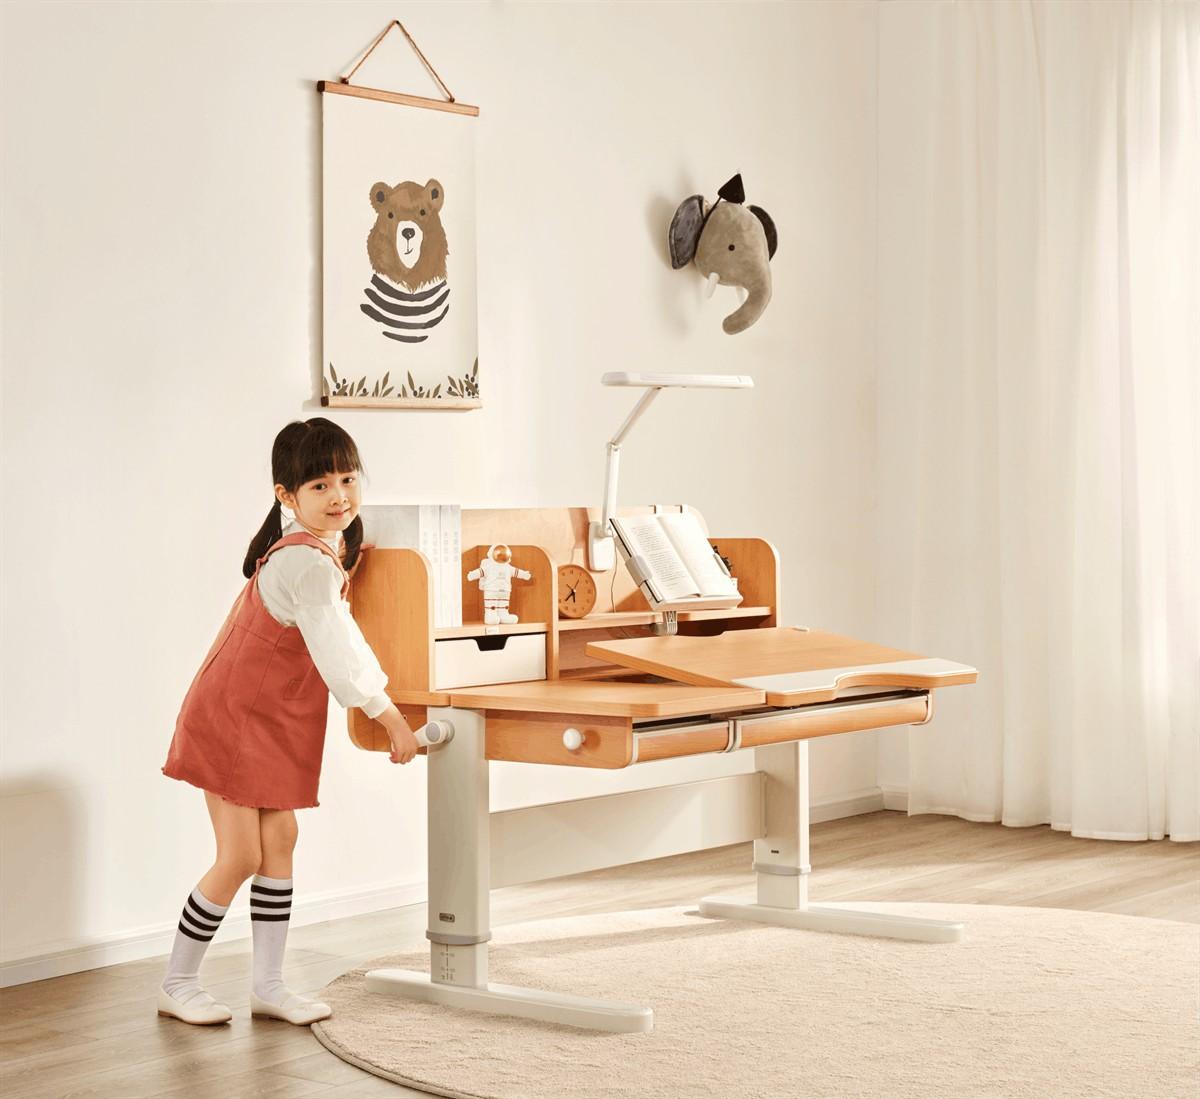 儿童学习桌如何选购,推荐实力品牌光明园迪